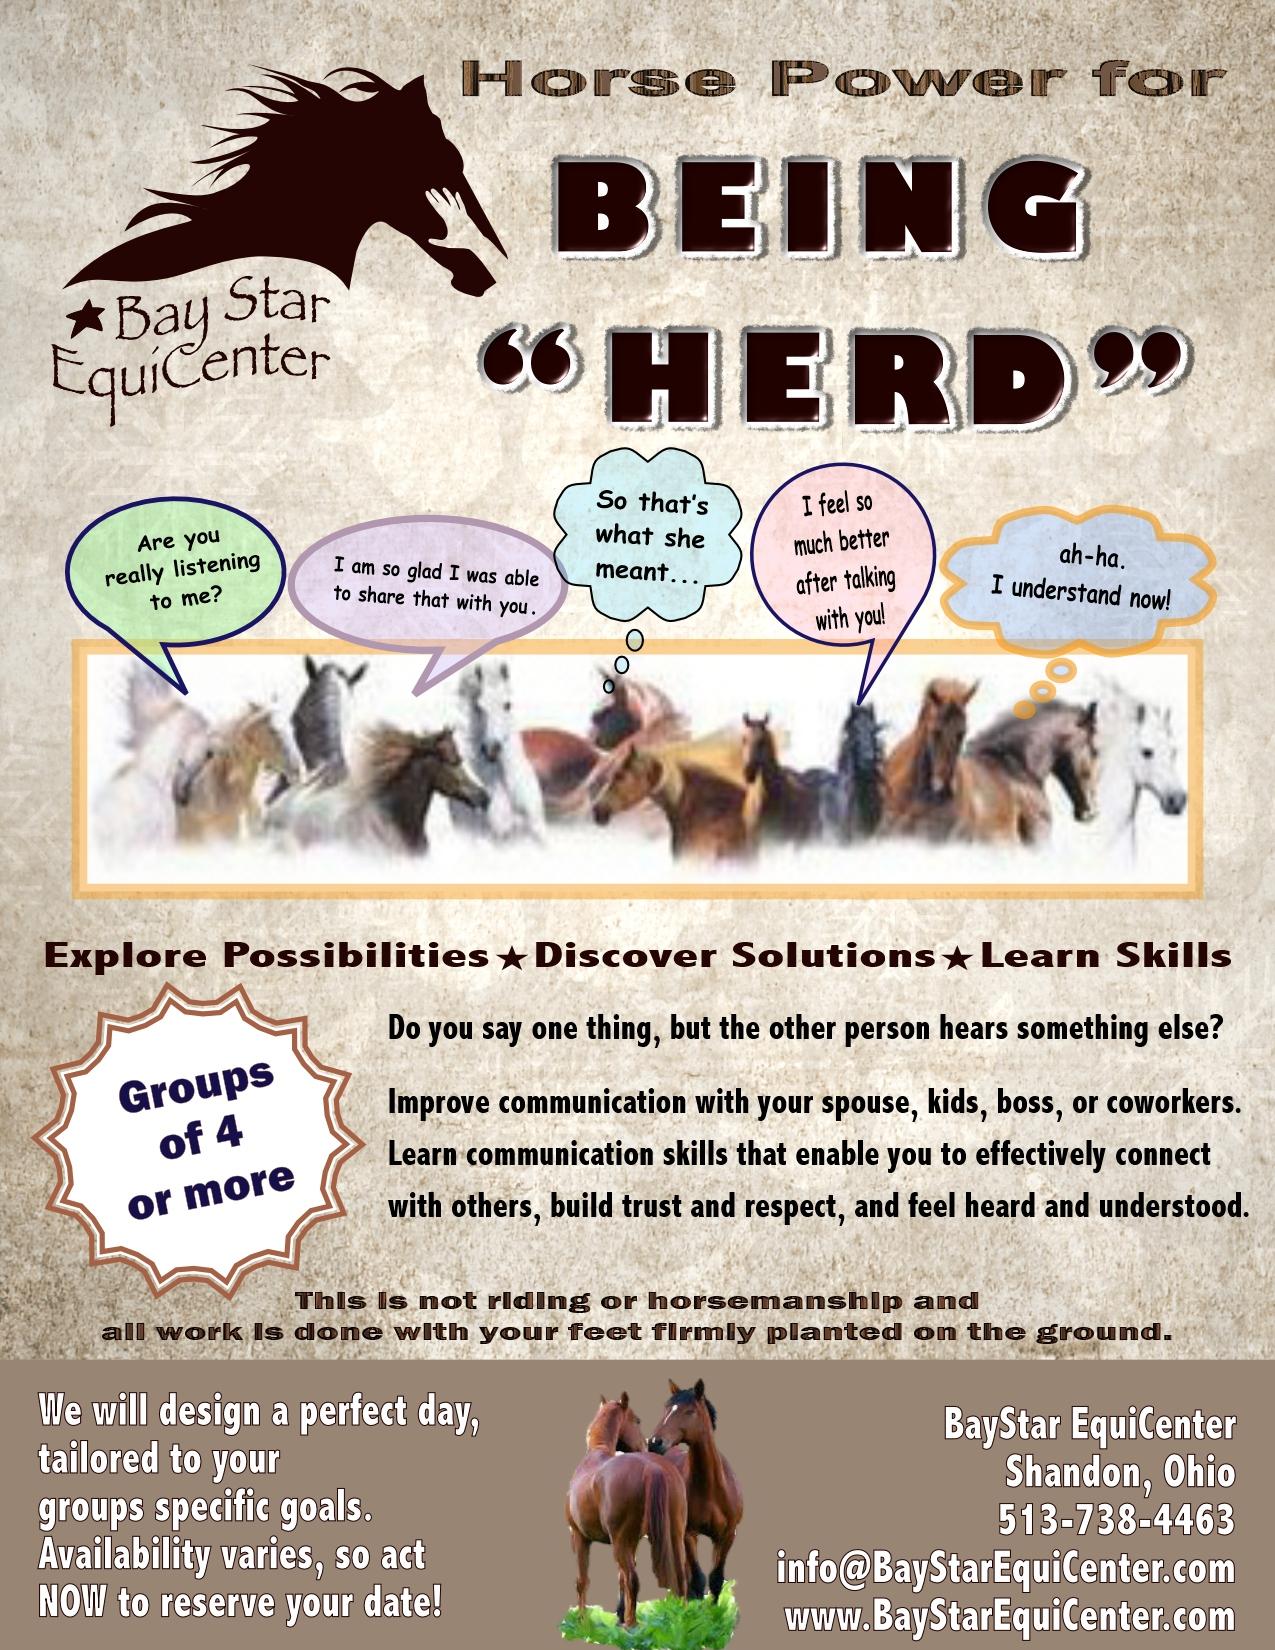 Being Herd